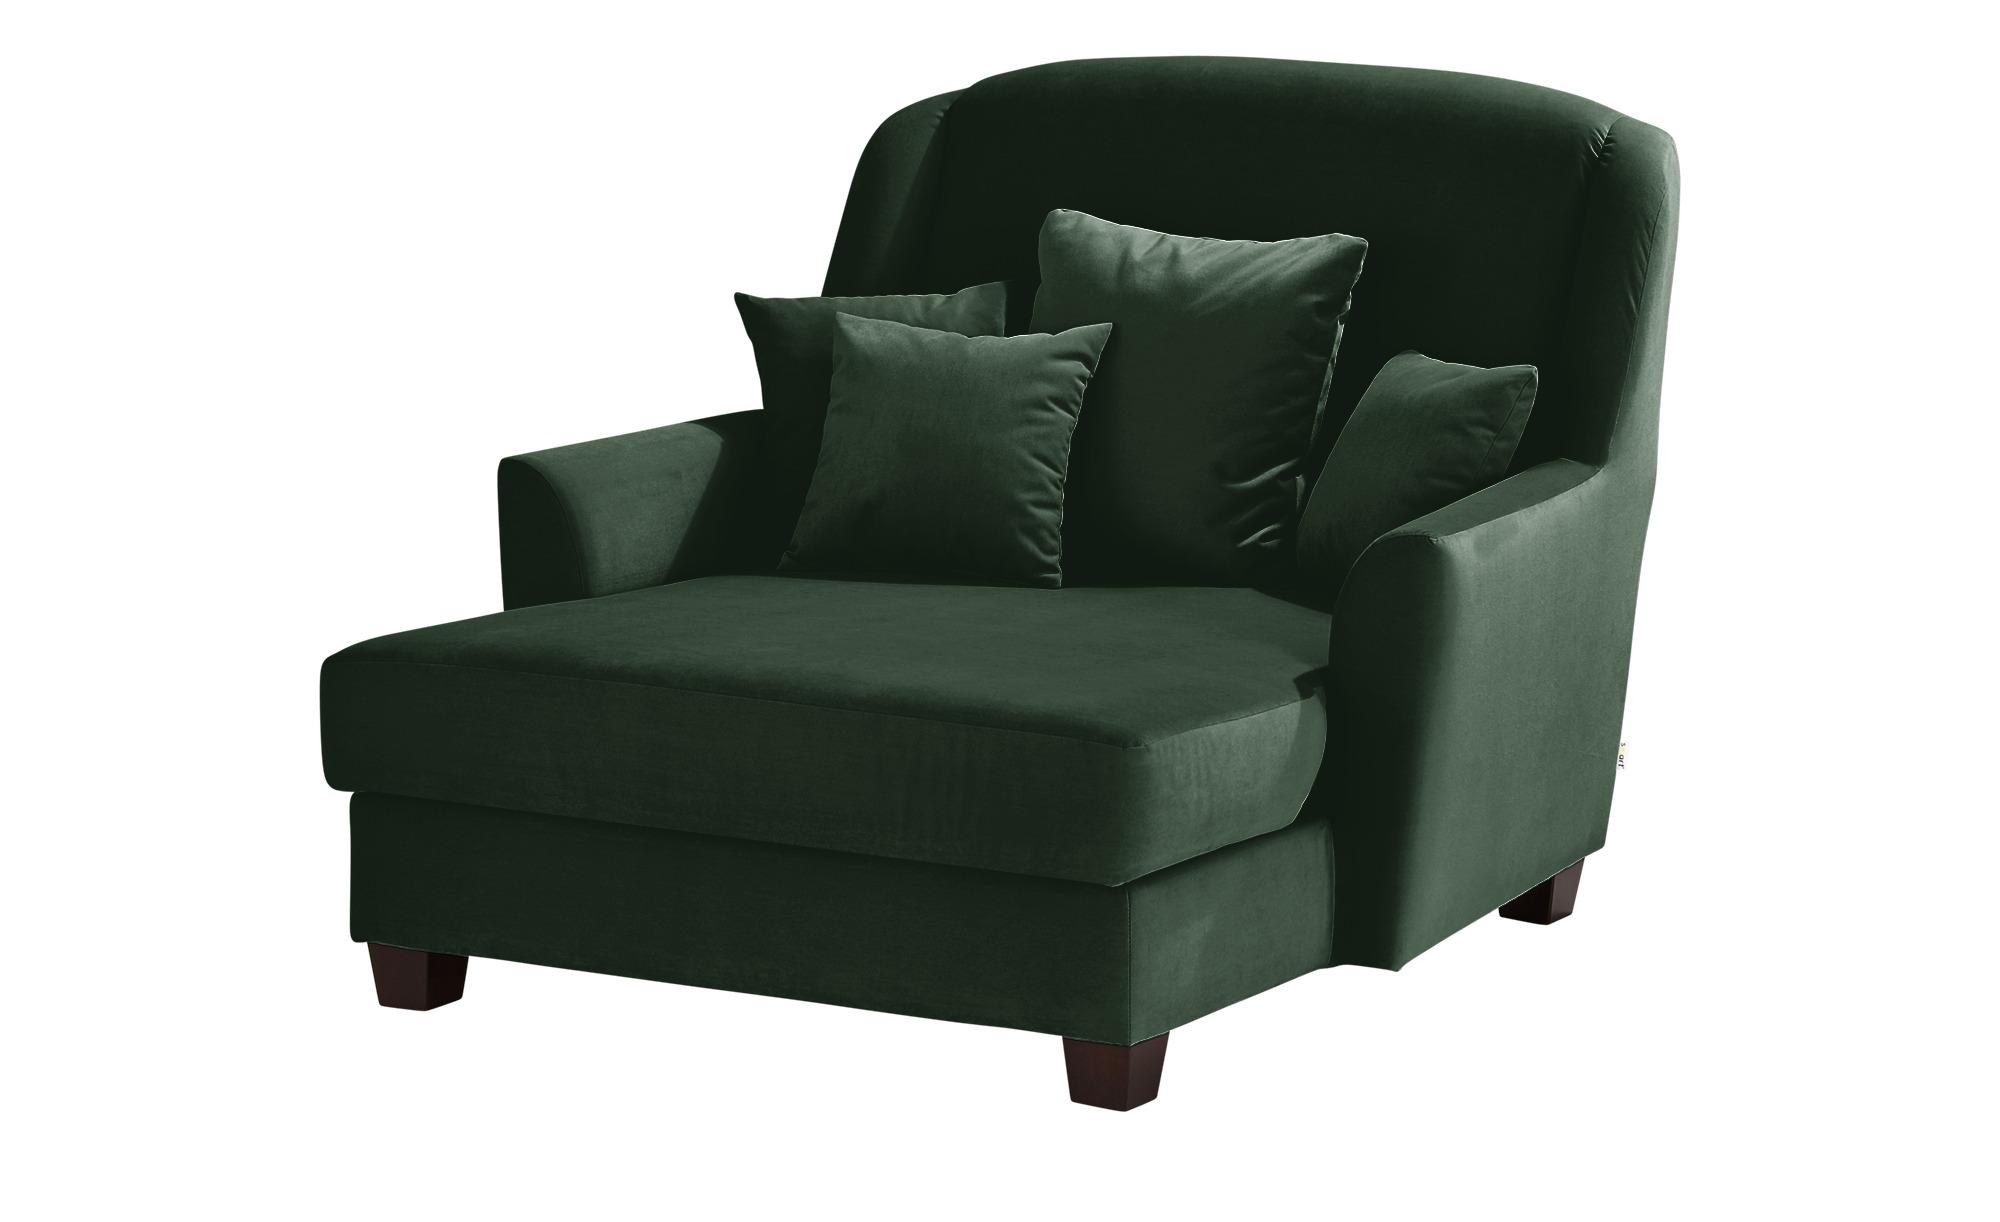 smart Sessel  Lisbeth ¦ grün ¦ Maße (cm): B: 135 H: 100 T: 144 Polstermöbel > Sessel > Ohrensessel - Höffner